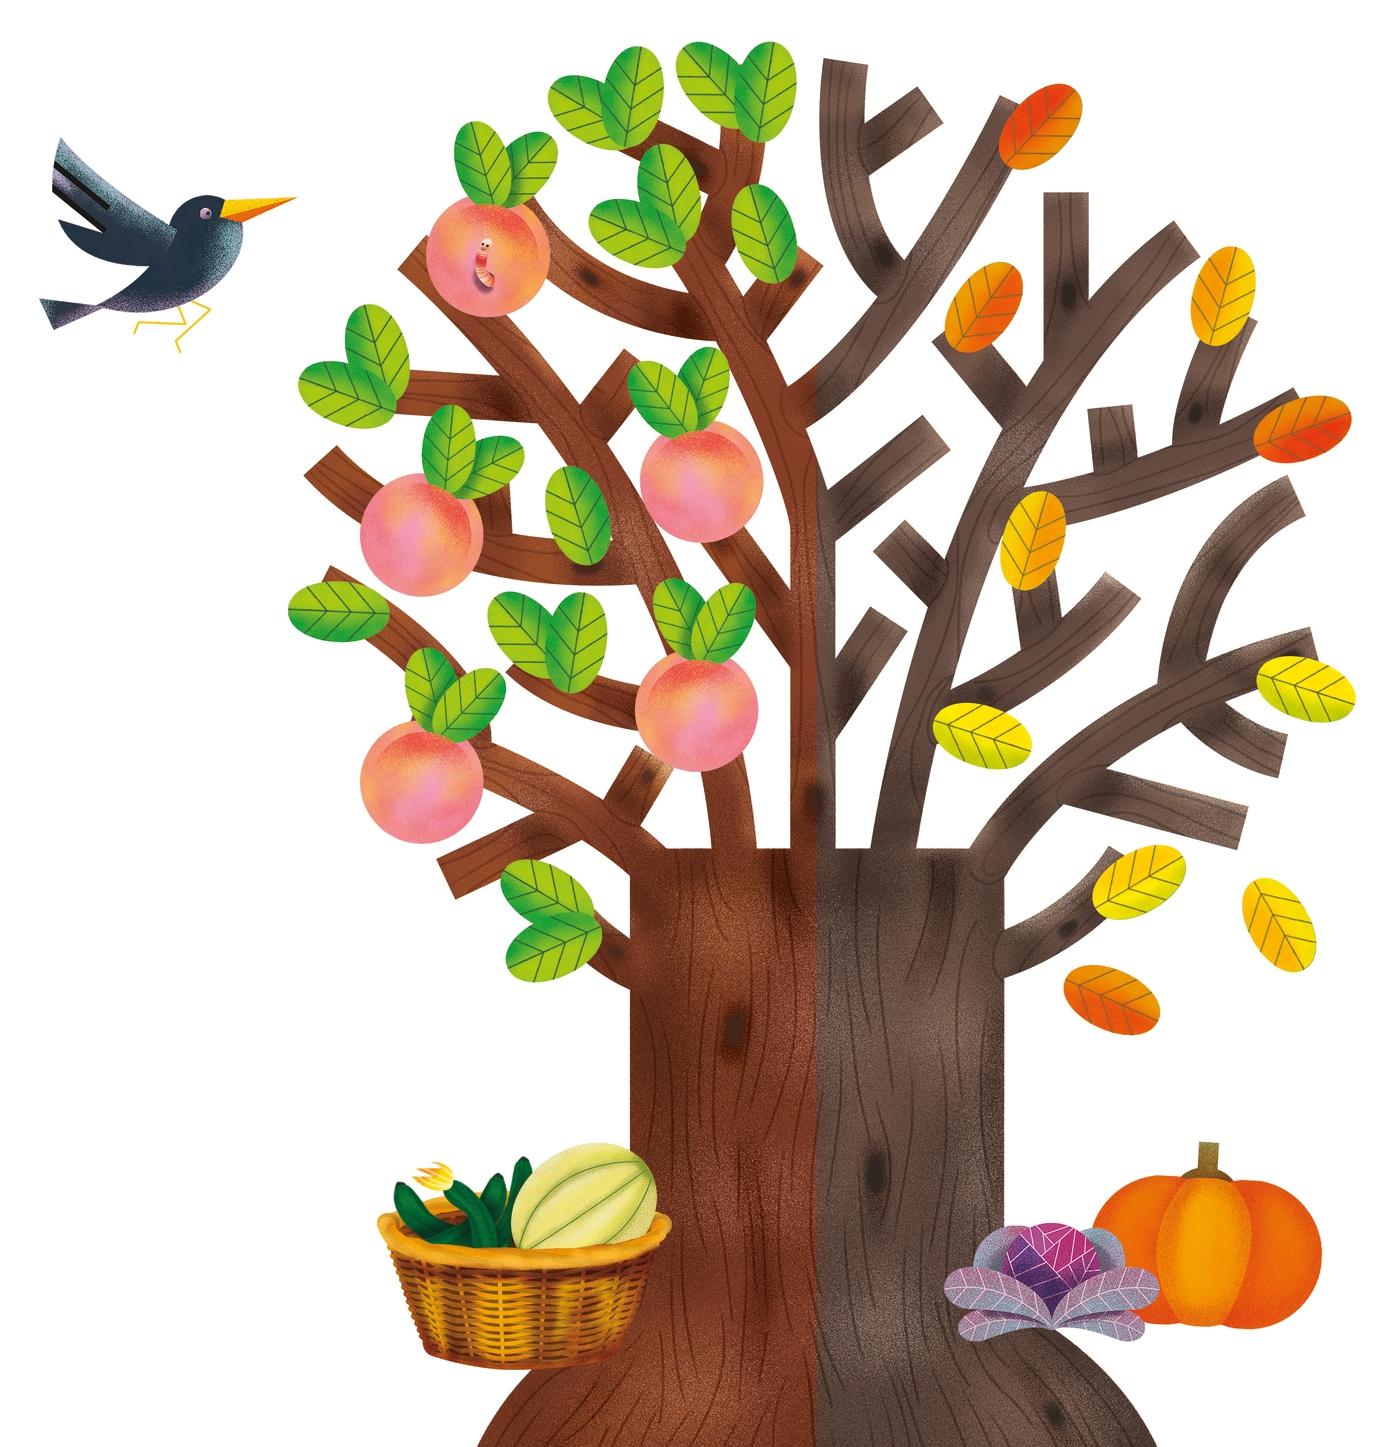 Apprendre Les Mois Et Les Saisons - Clementoni tout Apprendre Les Saisons En Maternelle